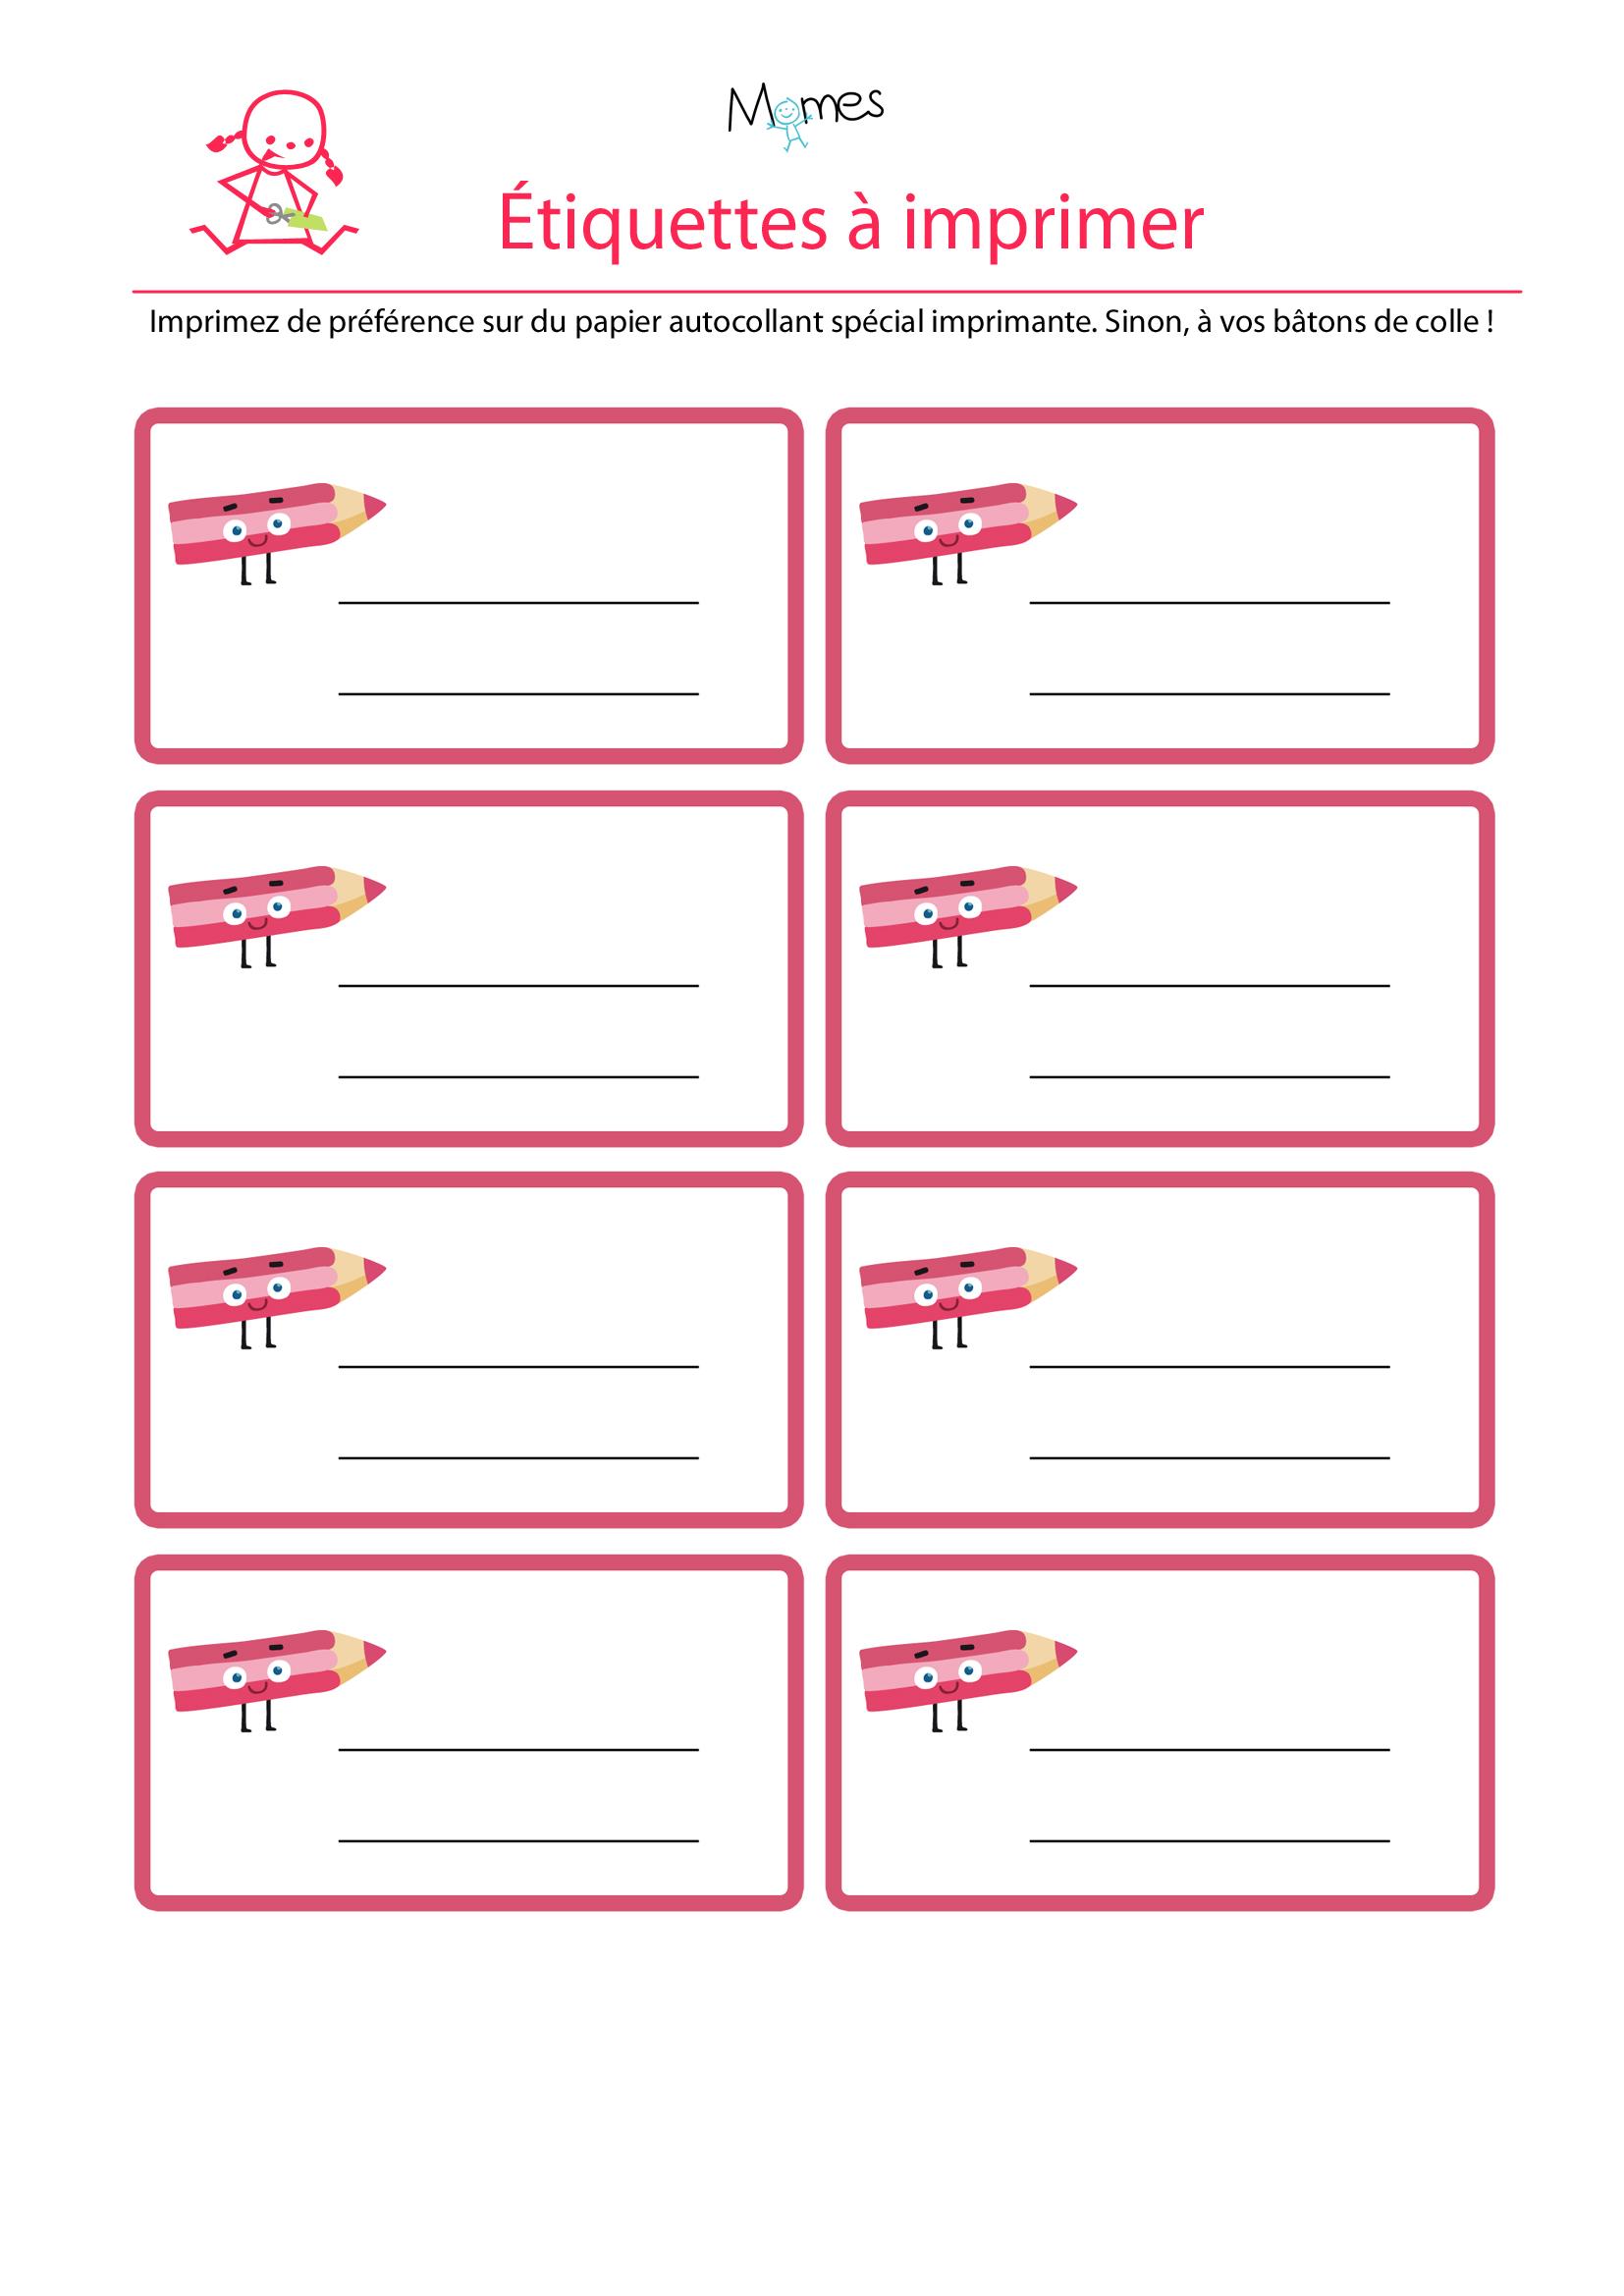 Les étiquettes à imprimer rose